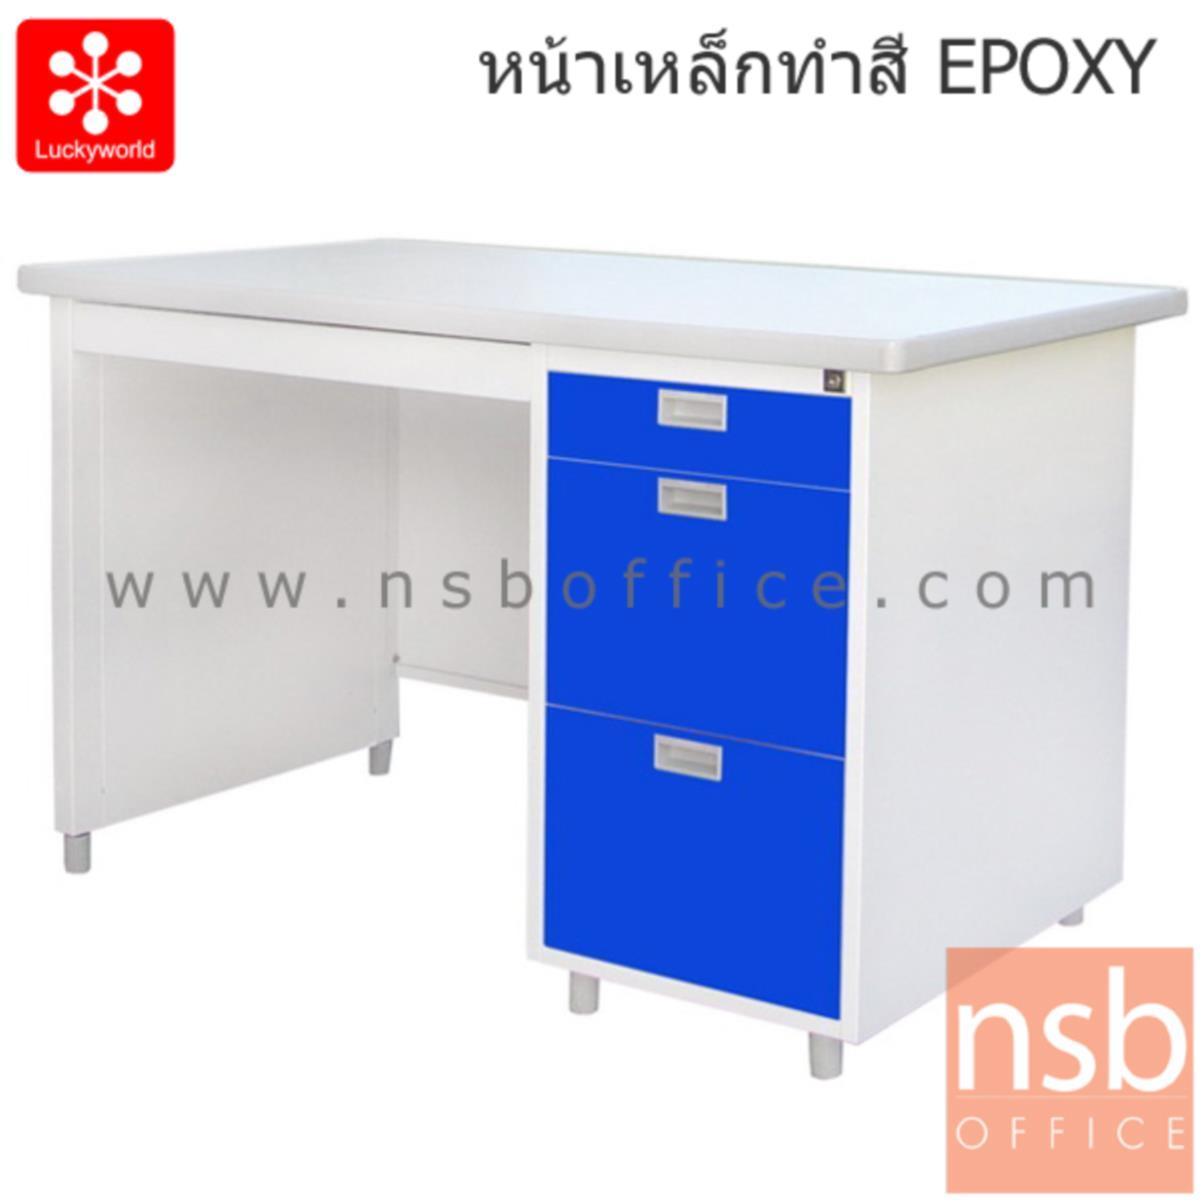 E31A007:โต๊ะทำงานเหล็ก 4 ลิ้นชัก  100W, 120W cm ทำสีอีพ๊อกซี่พิเศษ (EPOXY)